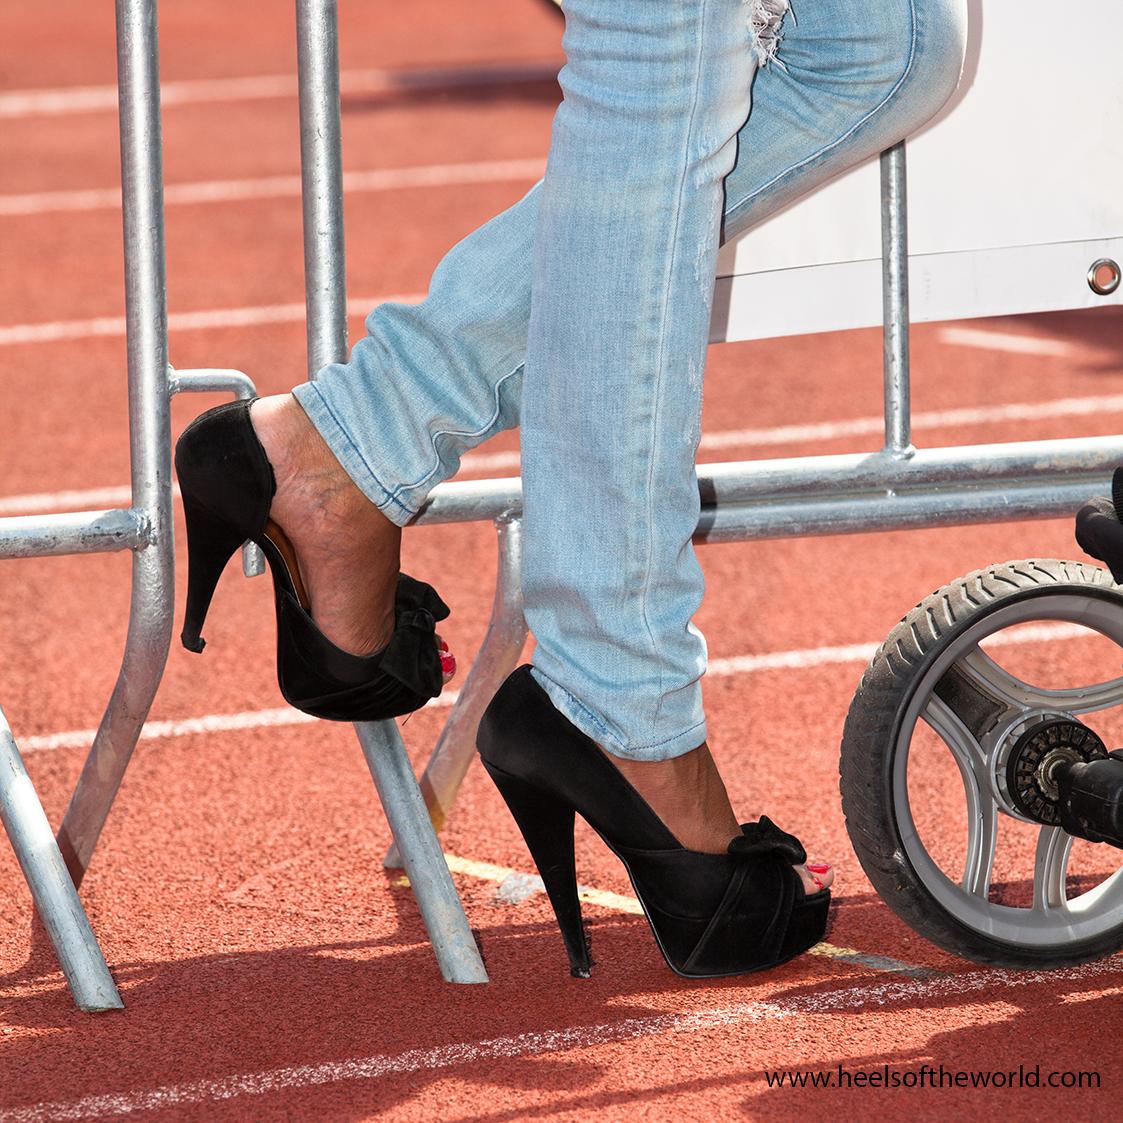 Dutch heels in Rotterdam at Onderwijscentrum ErasmusMC and Cafe Prachtig. Merk schoenen Guess